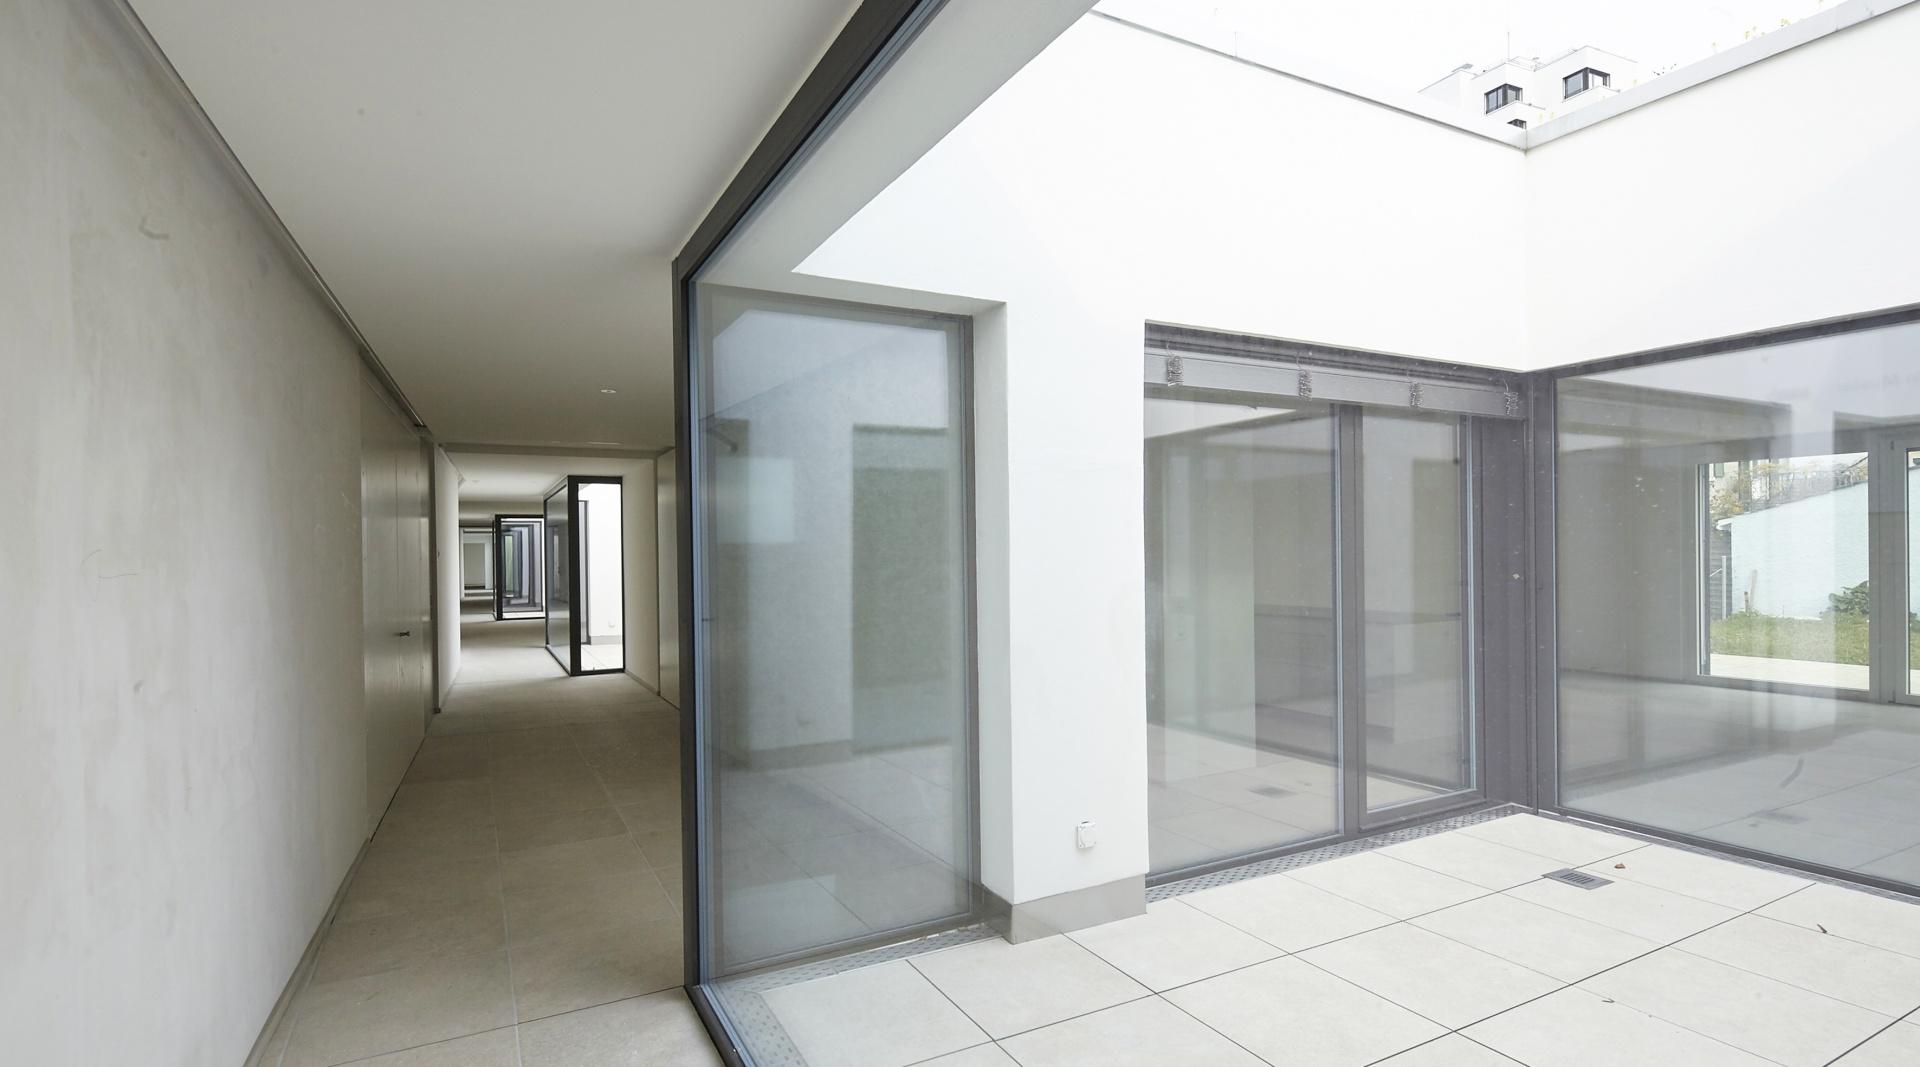 Stollturm_Gartenhaus_Erschliessung  © Architektur Rolf Stalder AG / Maria Gambino